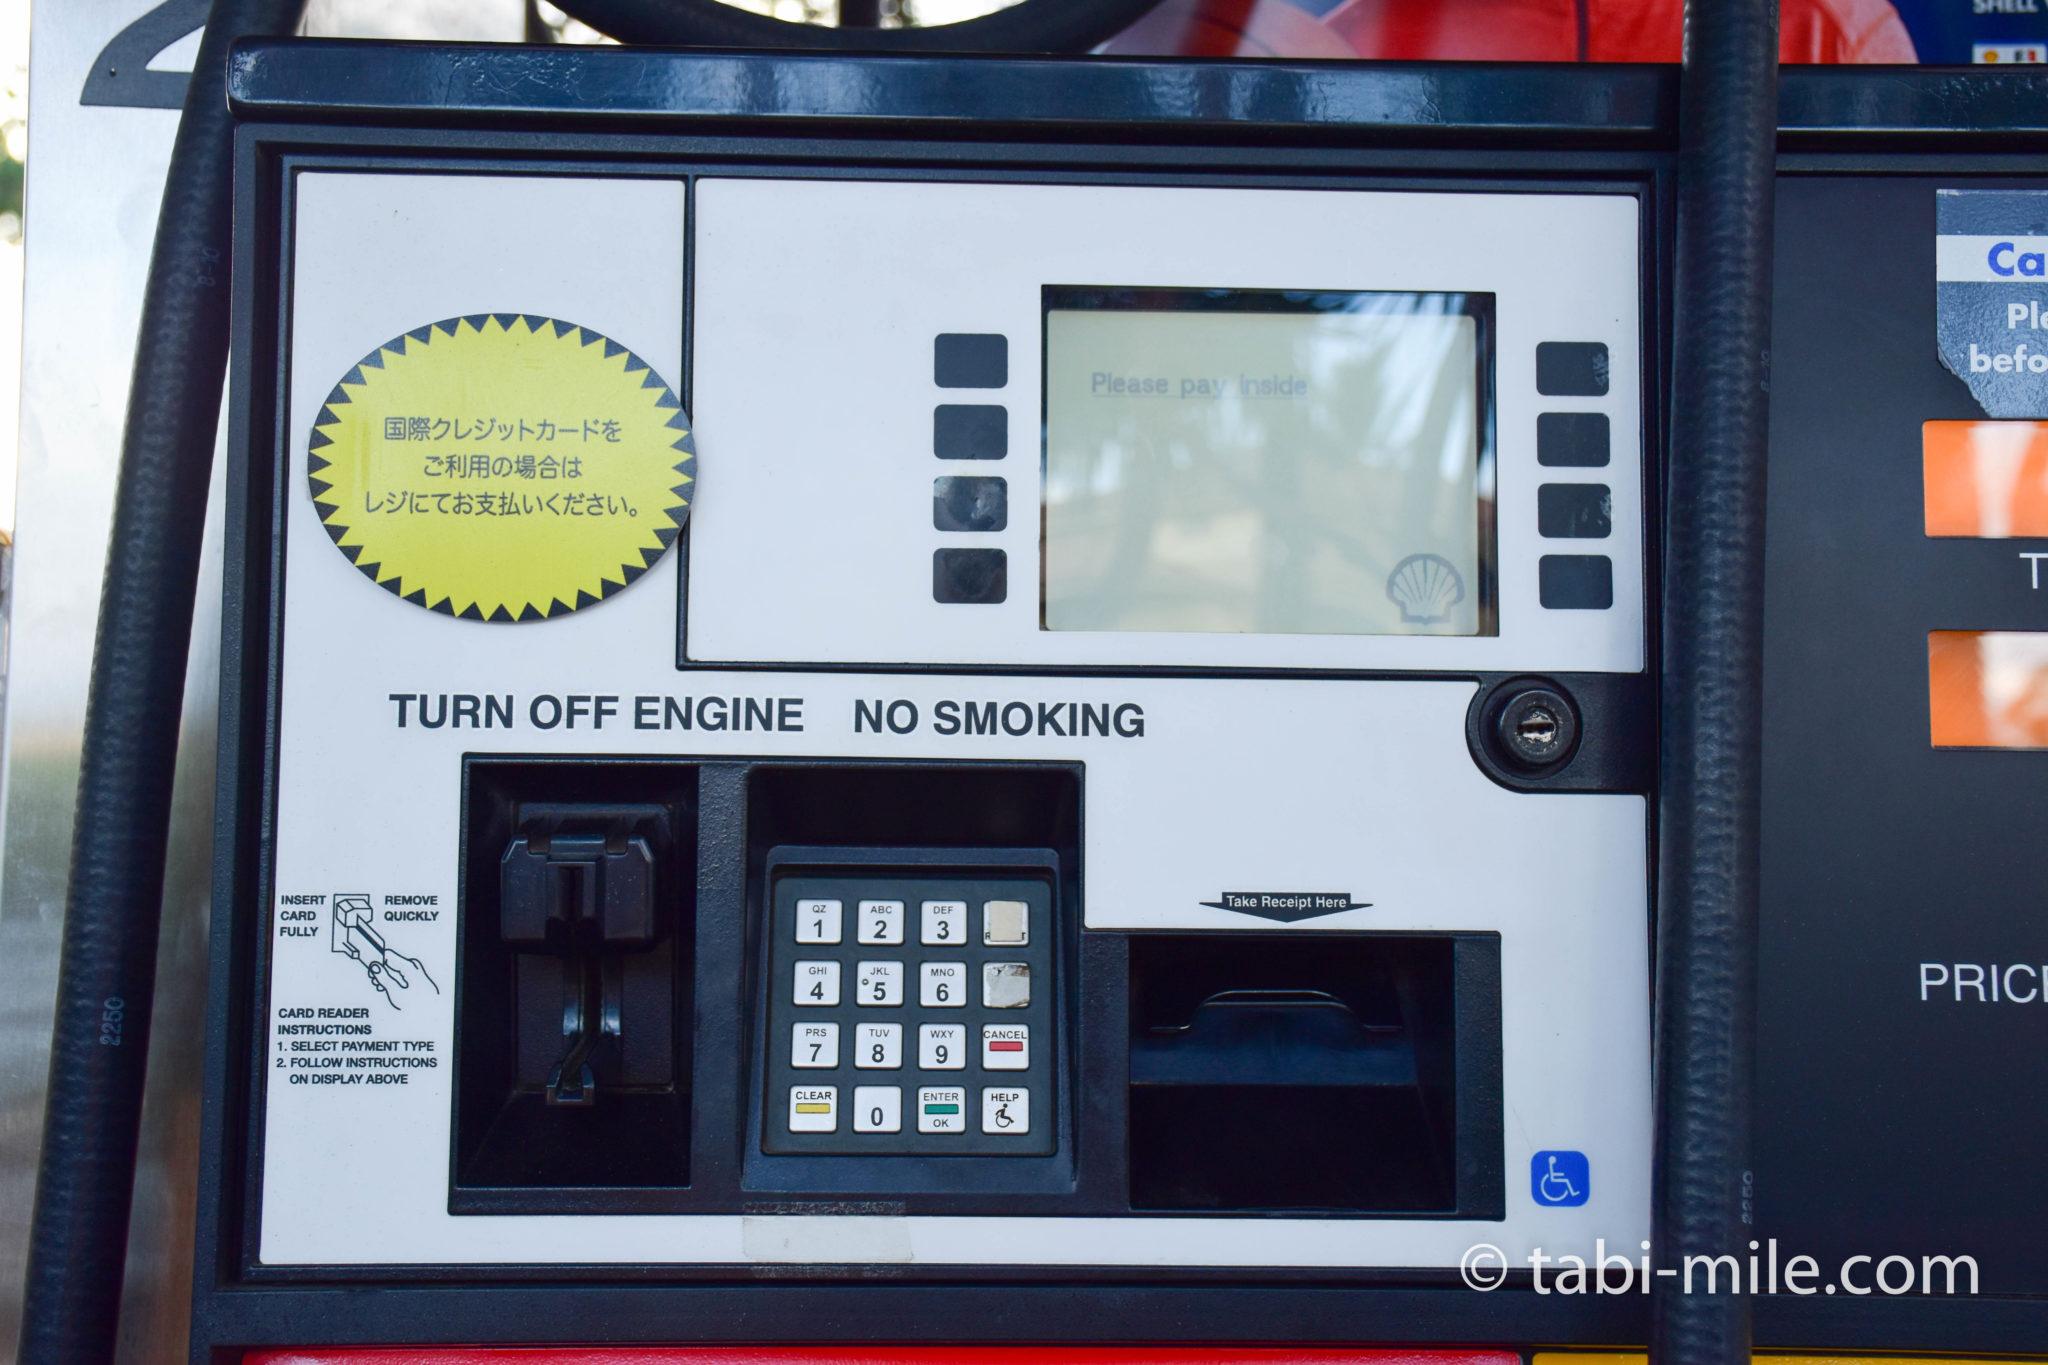 ハワイ島レンタカー ガソリンスタンド